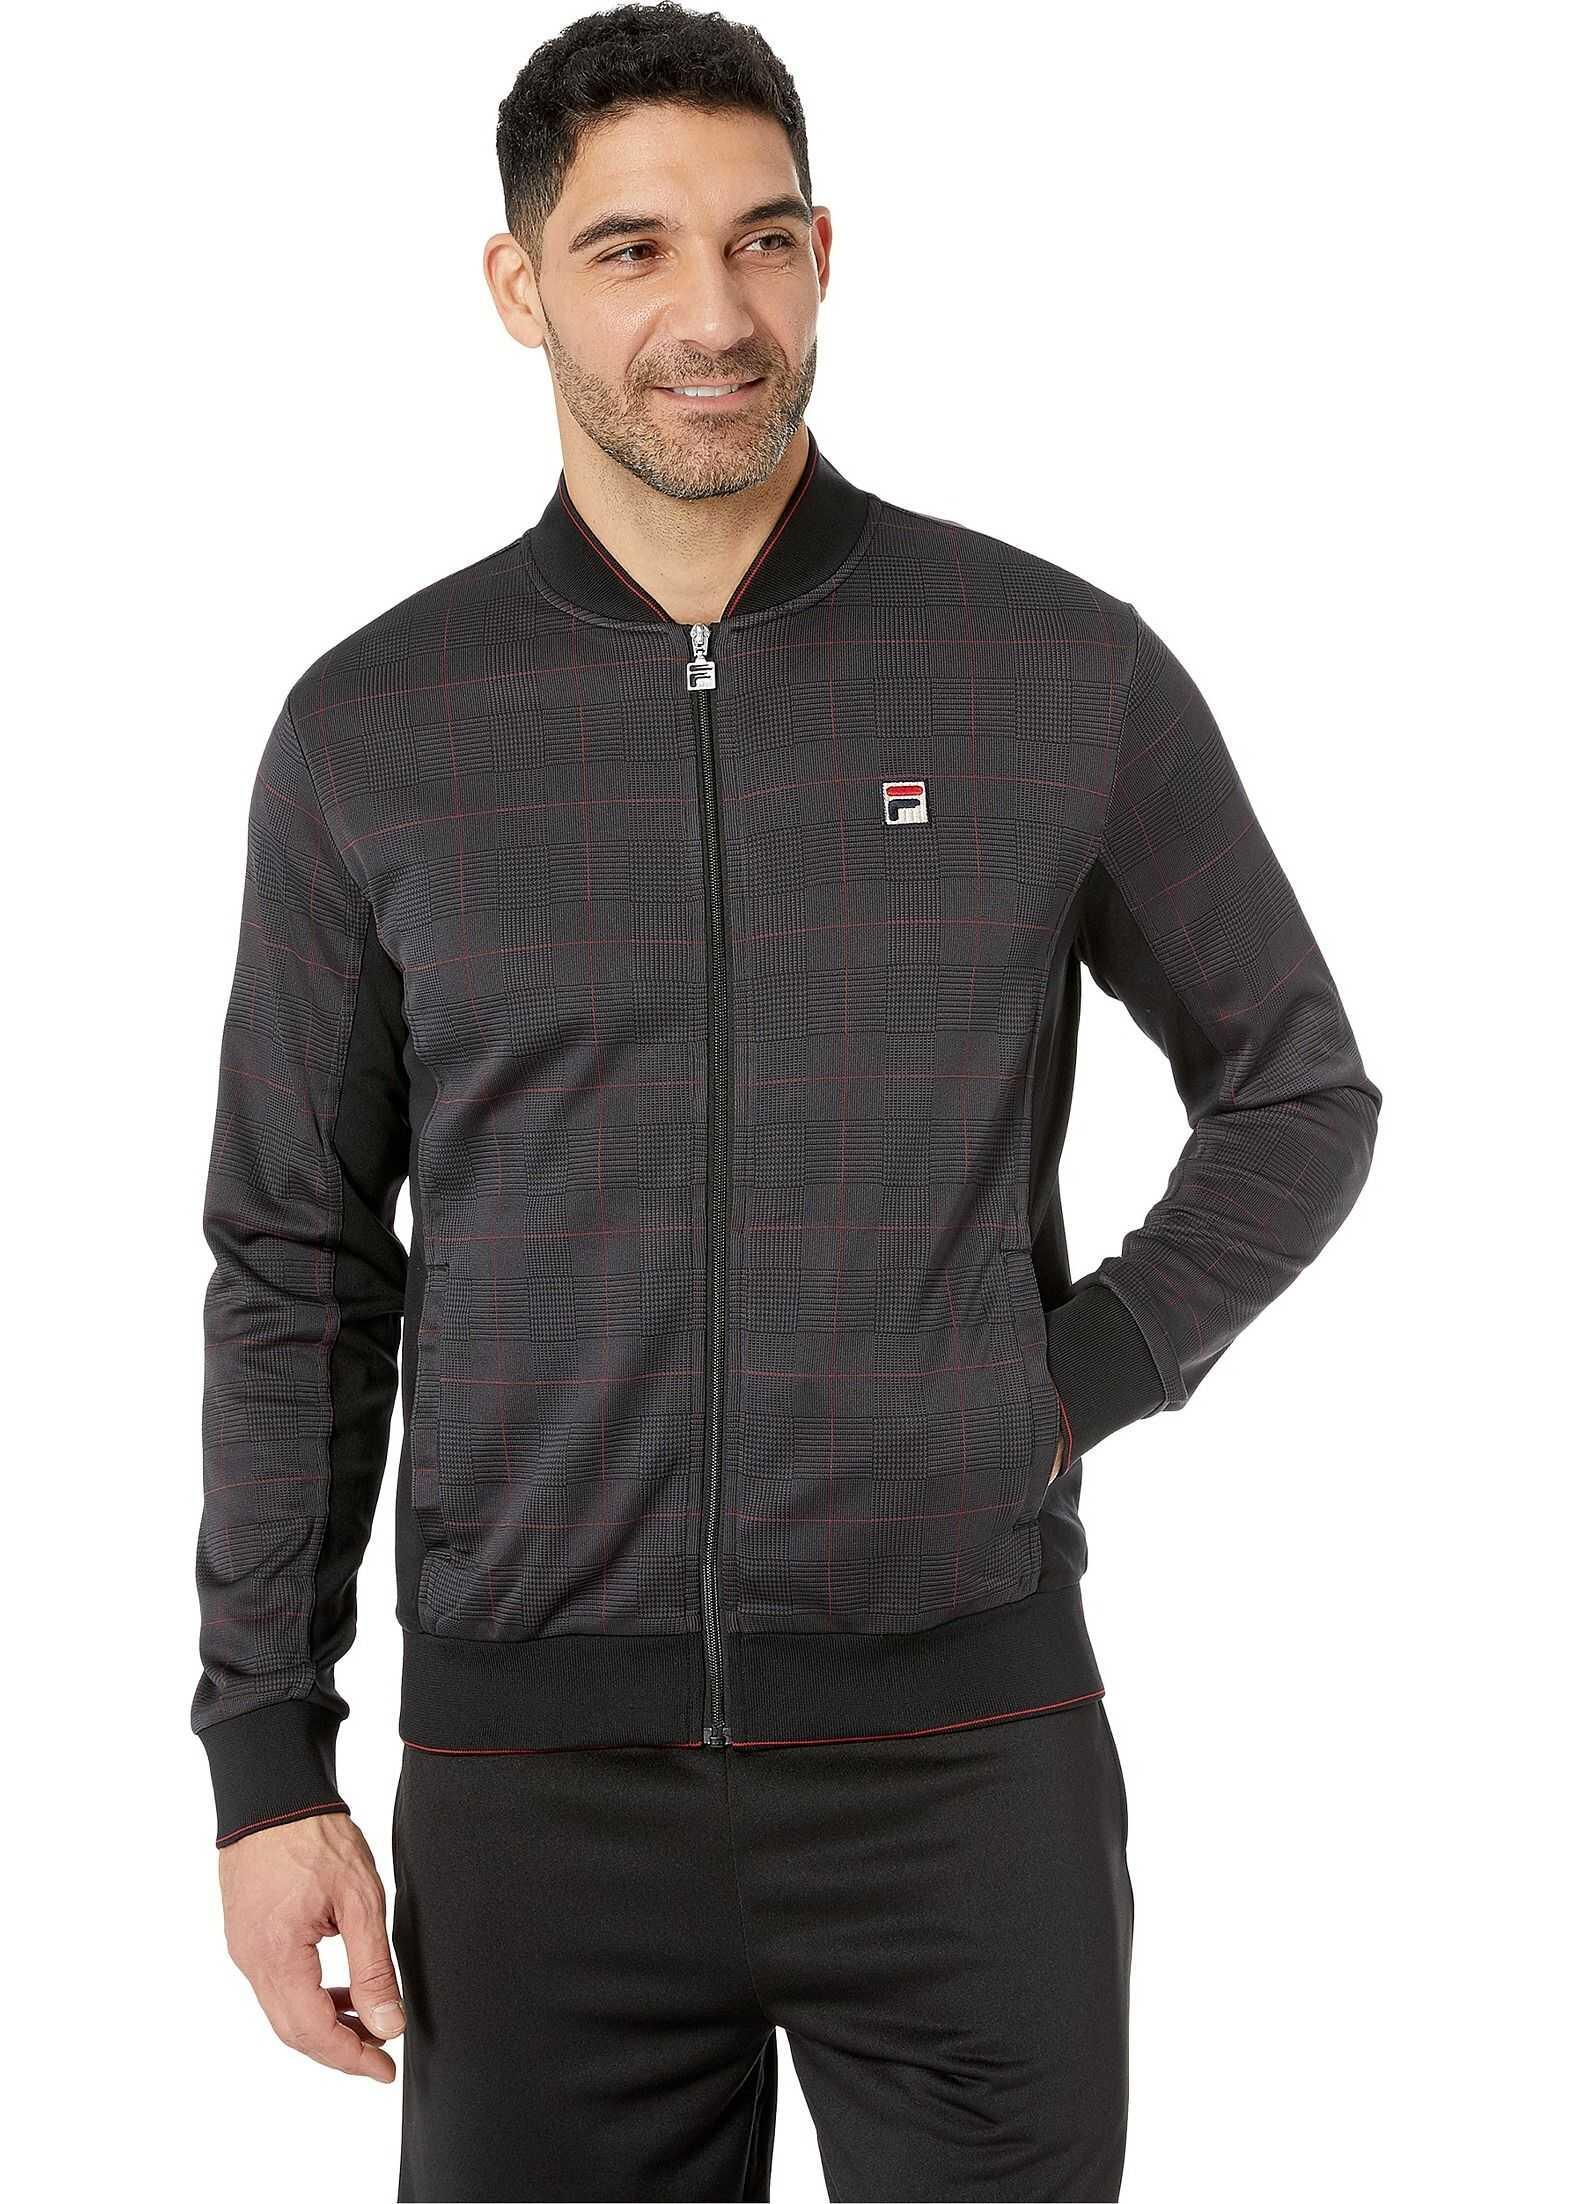 Tennis Settanta Jacket